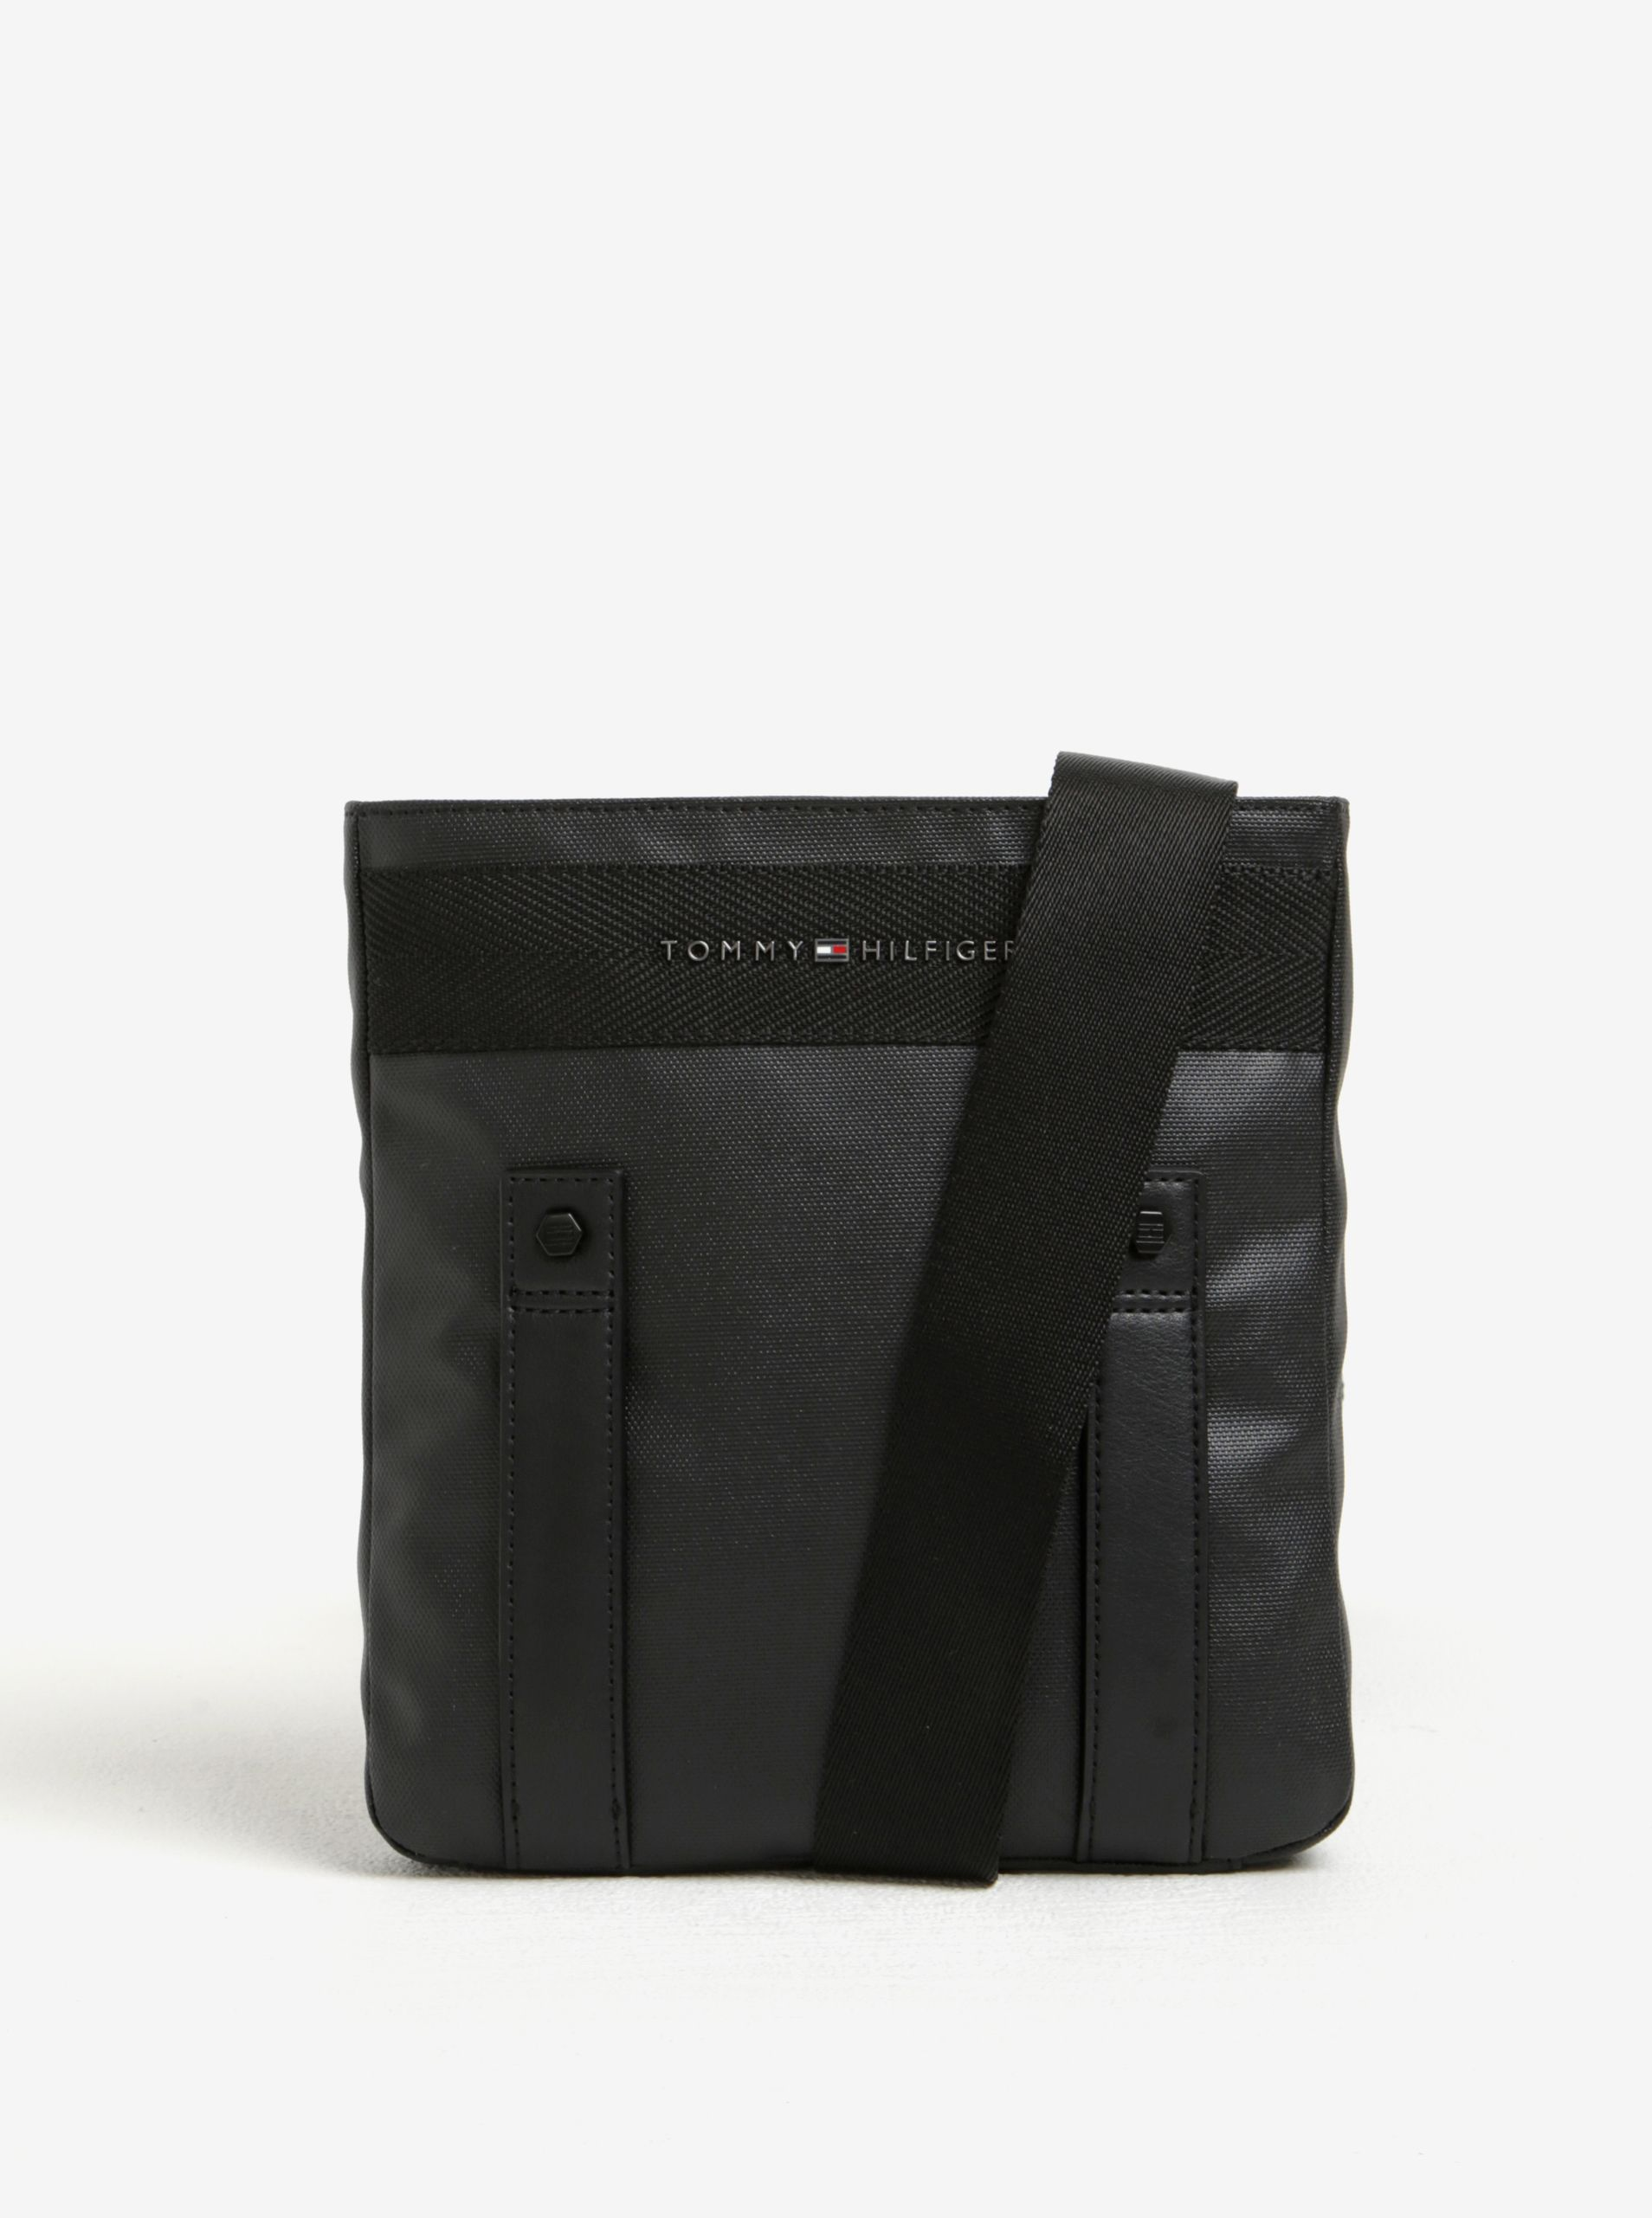 aff79544ed Tommy Hilfiger · Typ:pánská crossbody taška s nastavitelným popruhem  Barva:černá Zapínání